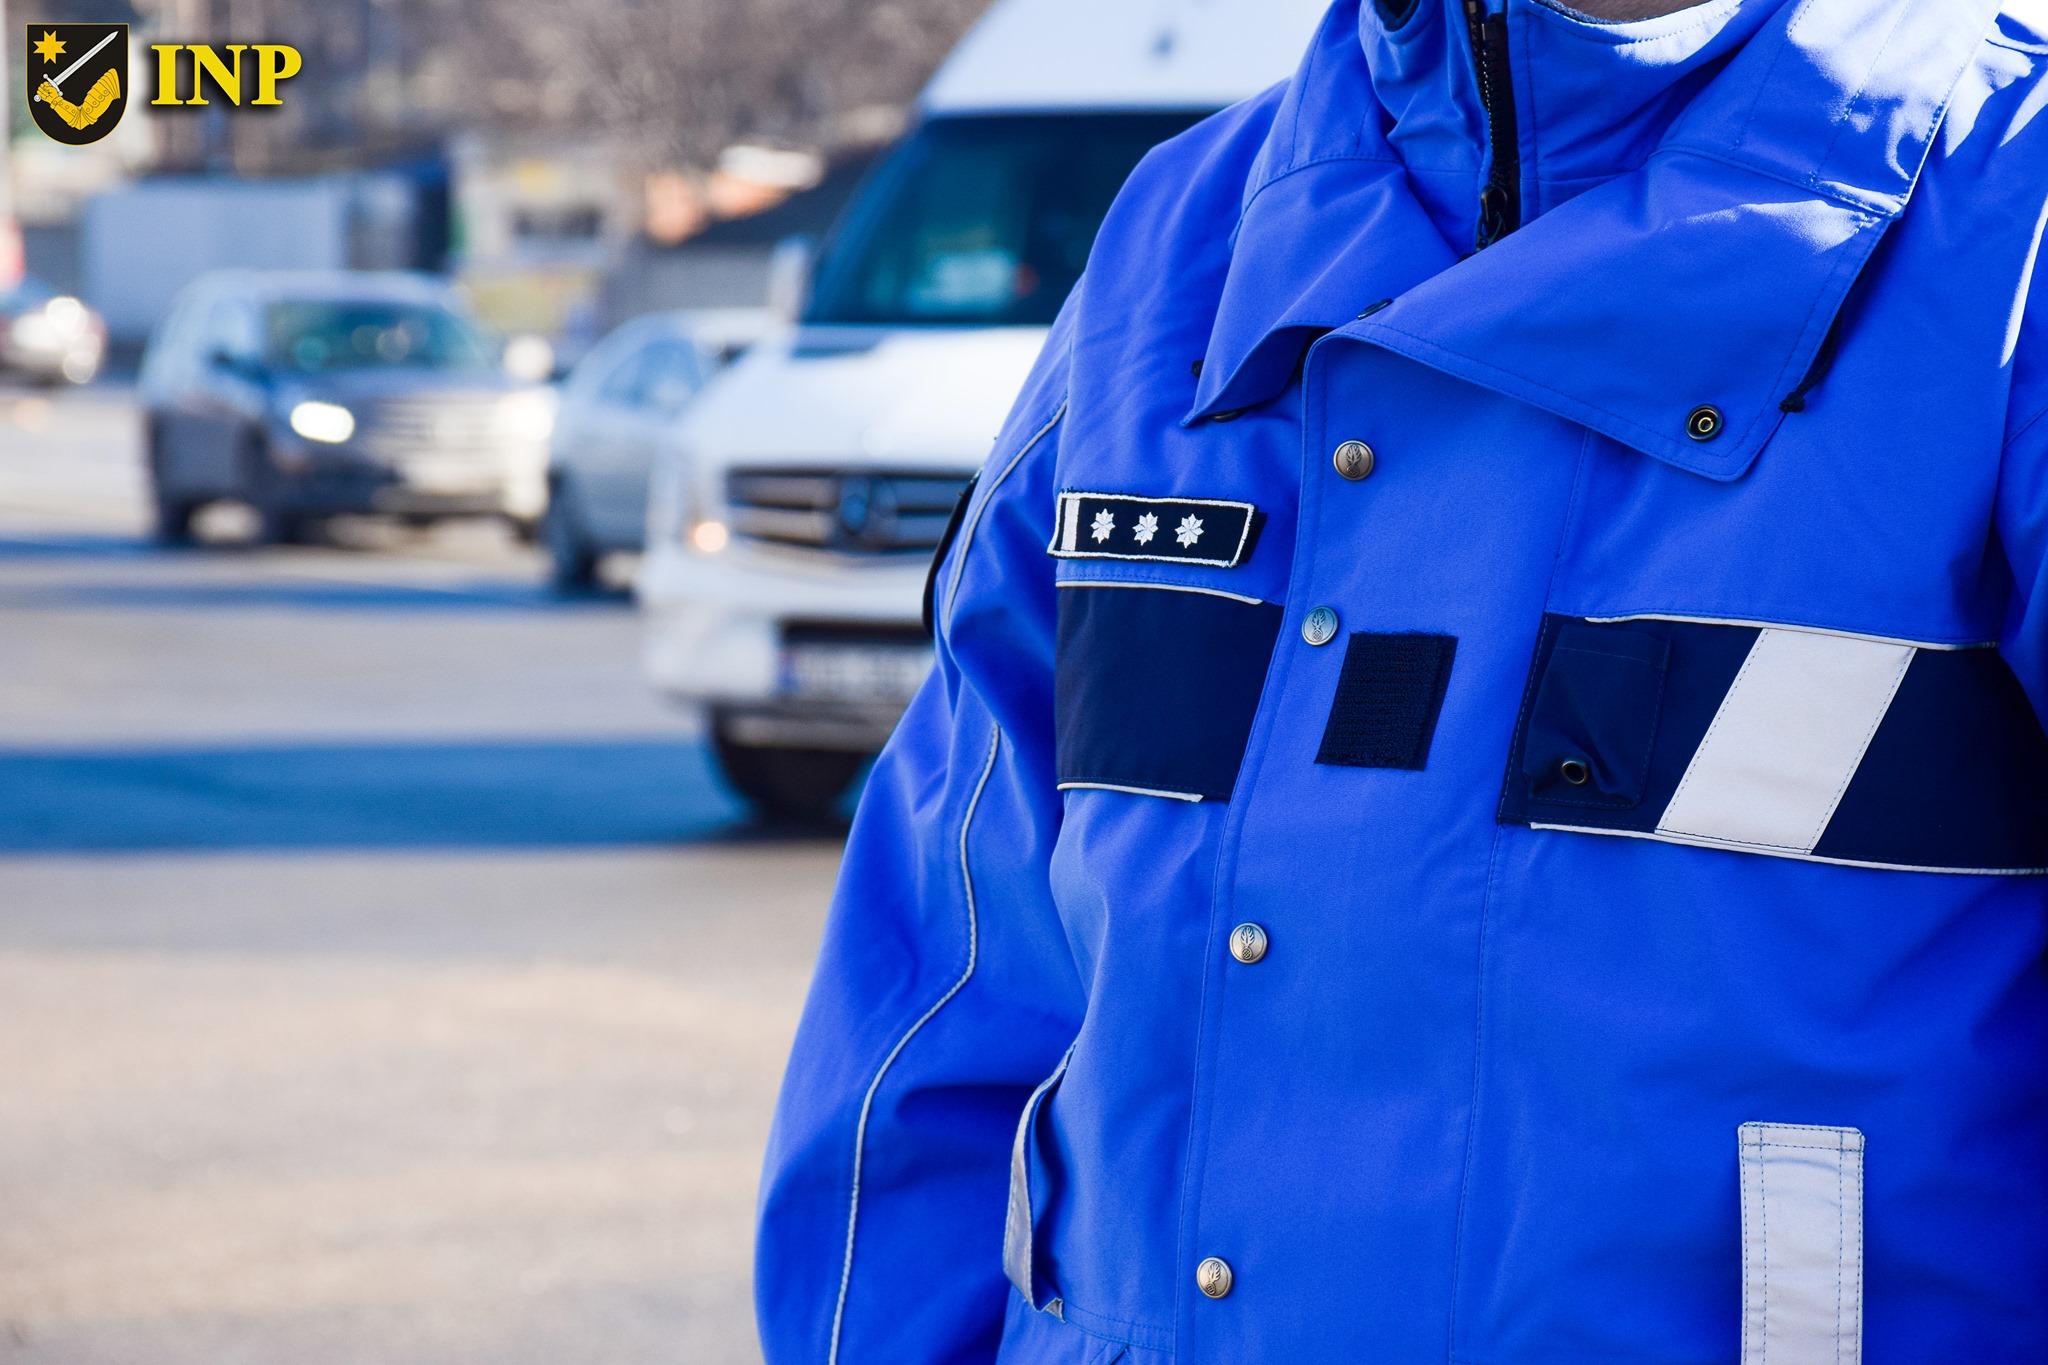 Uniforme noi pentru ofițerii Inspectoratului Național de Patrulare (FOTO)